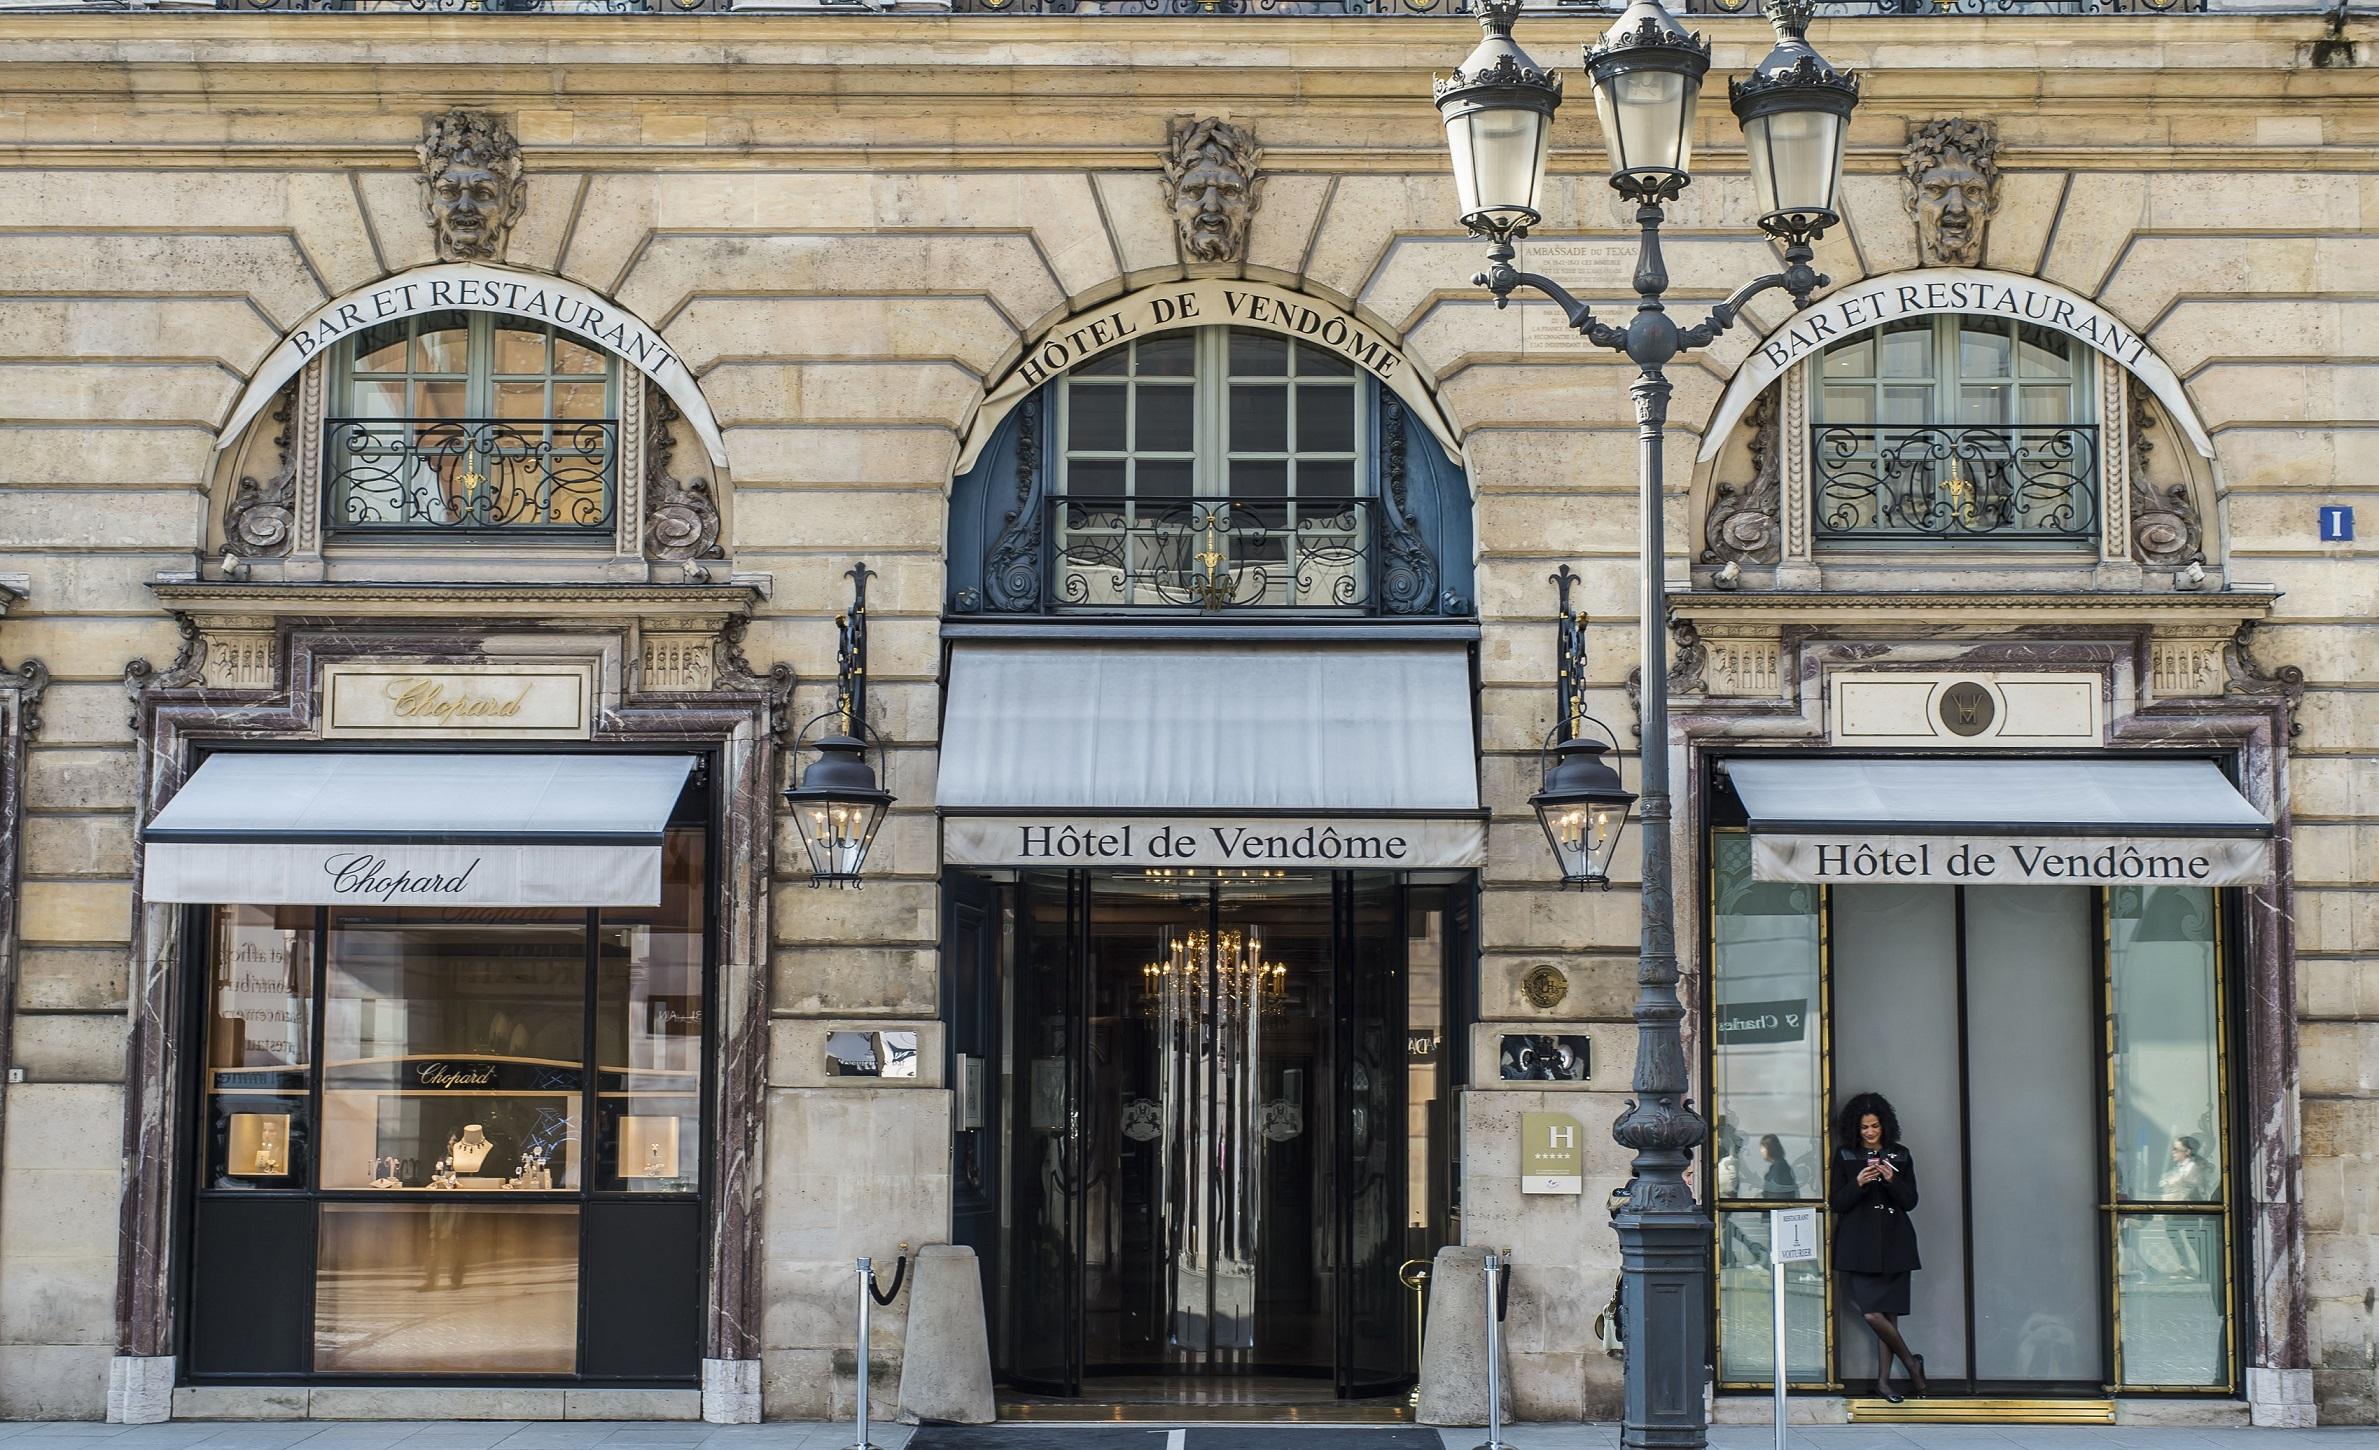 Hôtel de Vendôme, 5 étoiles au plein coeur de Paris.